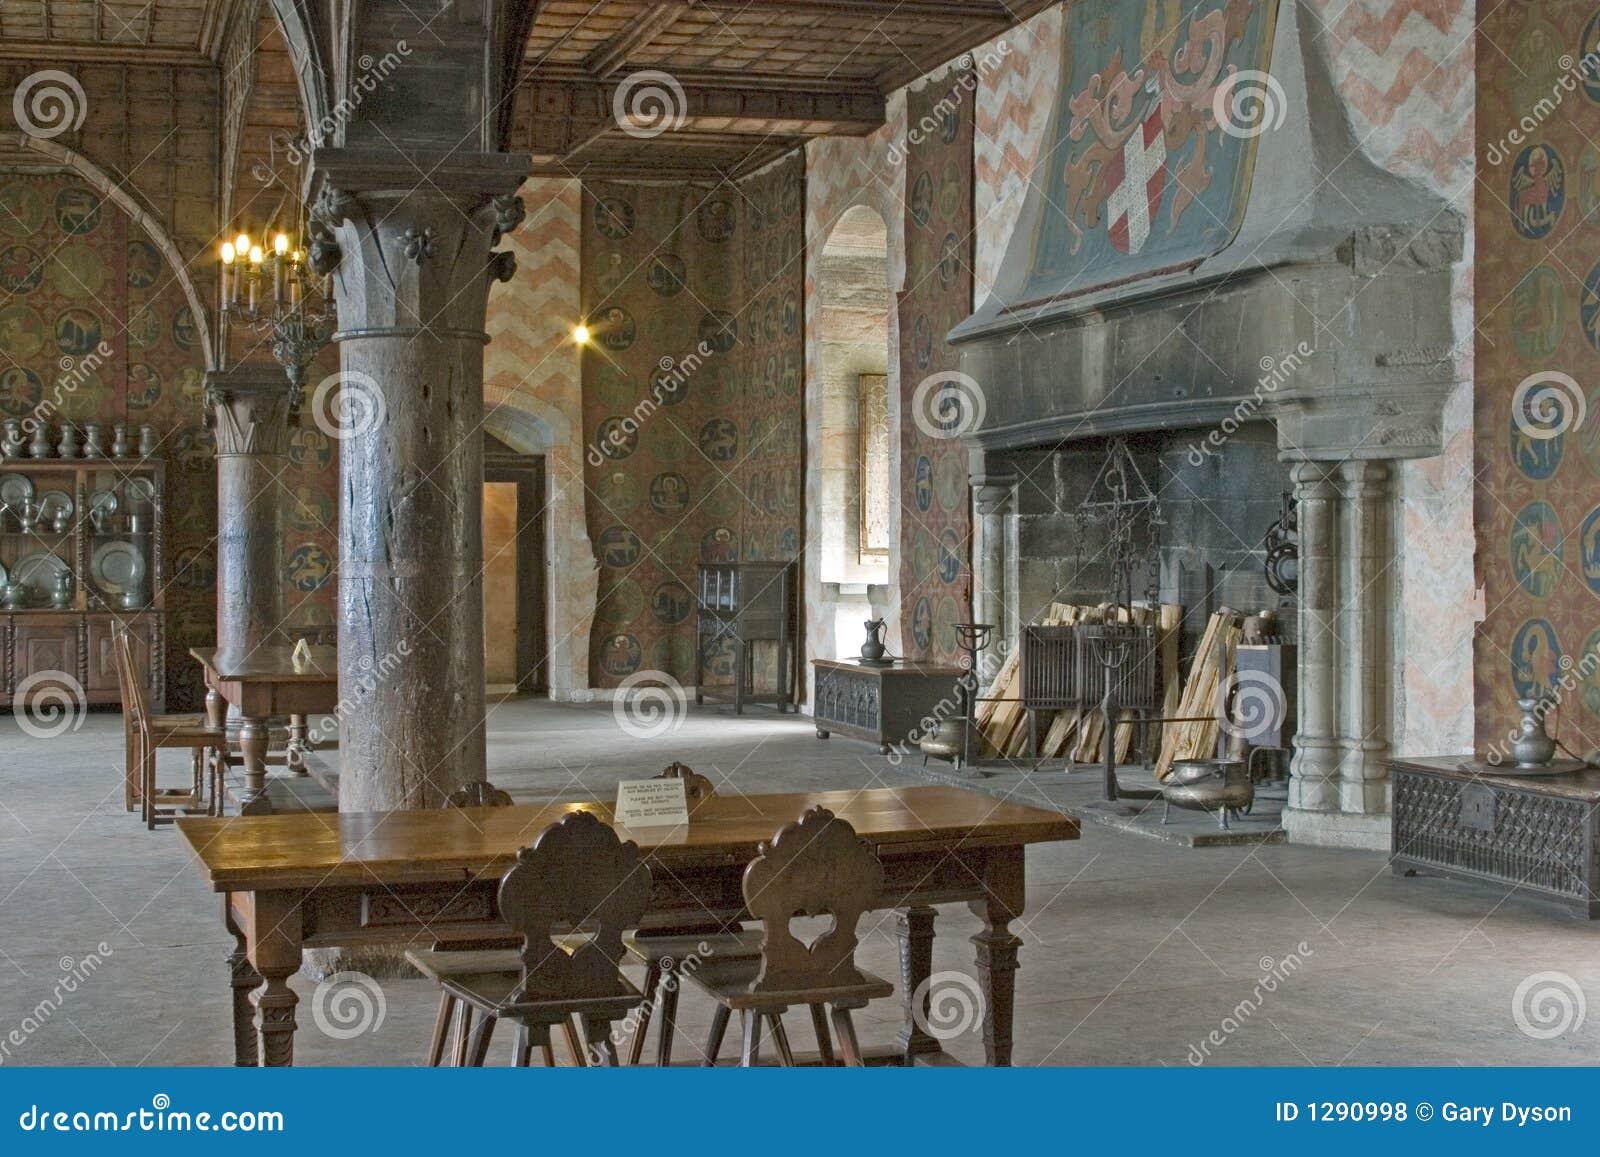 Kasteel Chillon, Dichtbij Montreux, Meer Gen u00e8ve, Zwitserland, 200 Mei Royalty vrije Stock Foto u0026#39;s